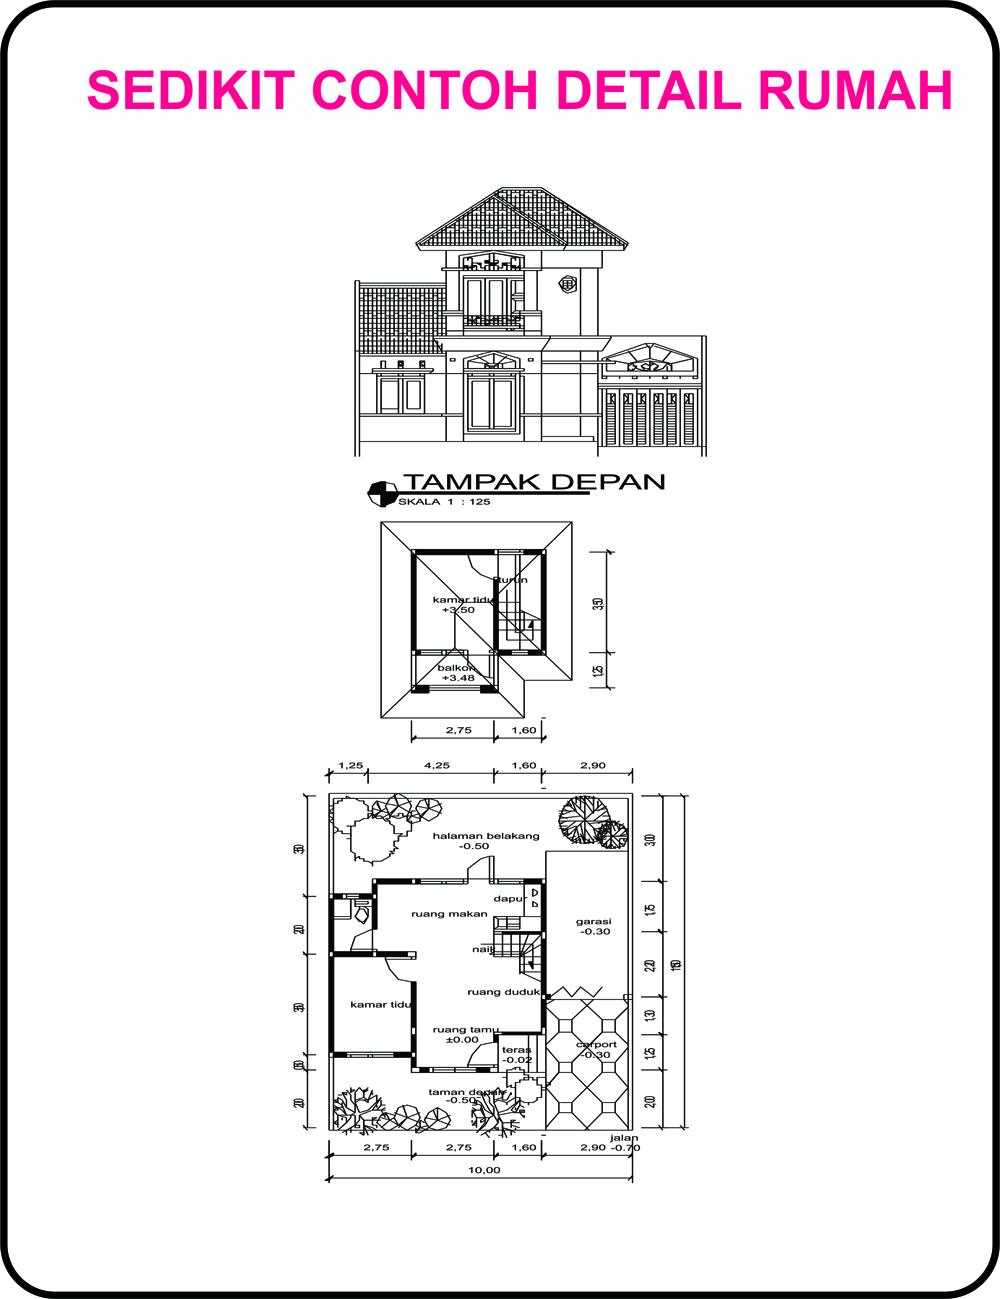 tata rancang konstruksi desain rumah rumah tata rancang